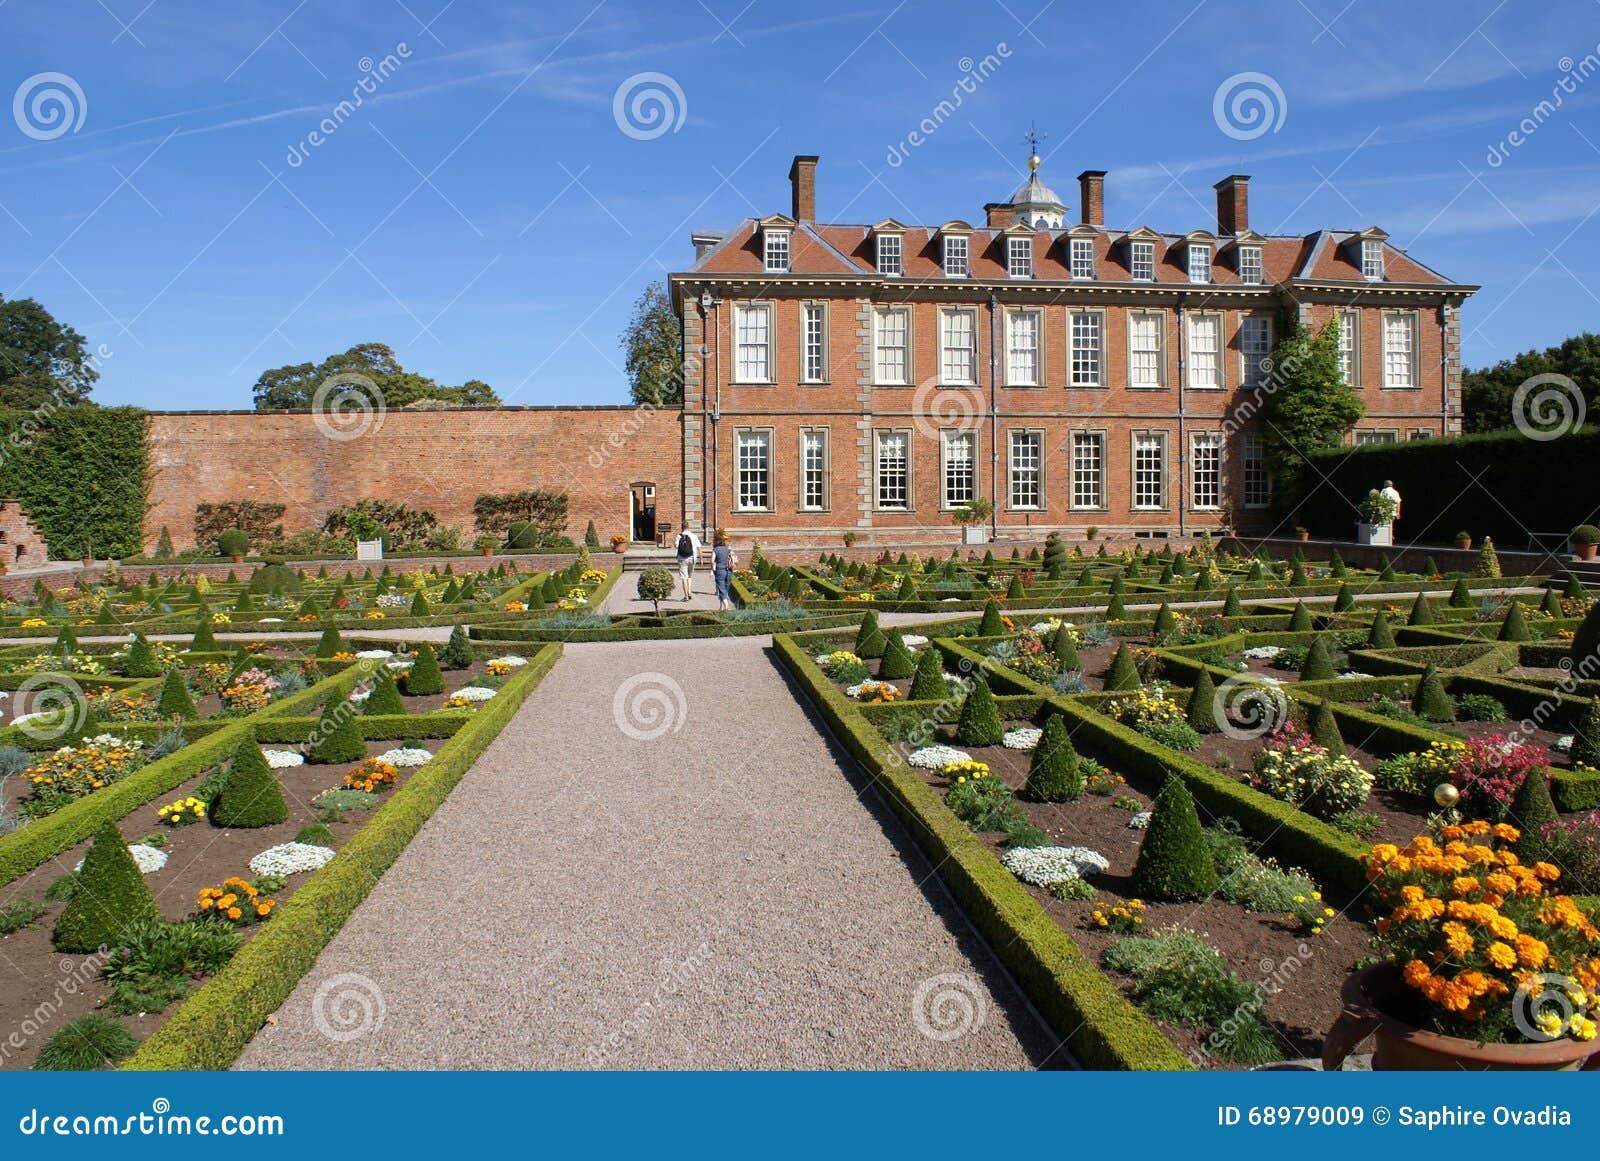 Arquitectura clásica y jardín